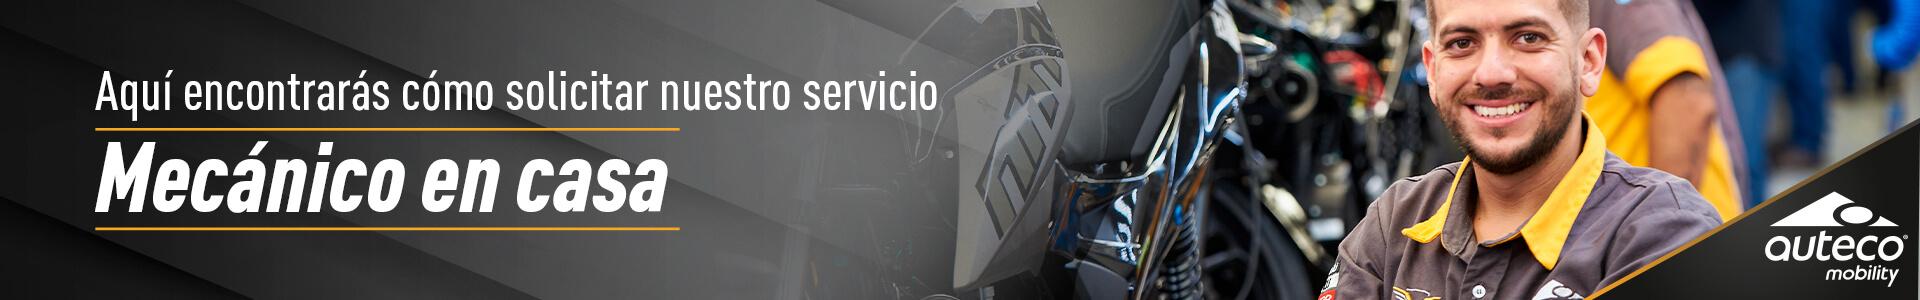 Accesorios para motociclistas Forzza - Auteco Mobility